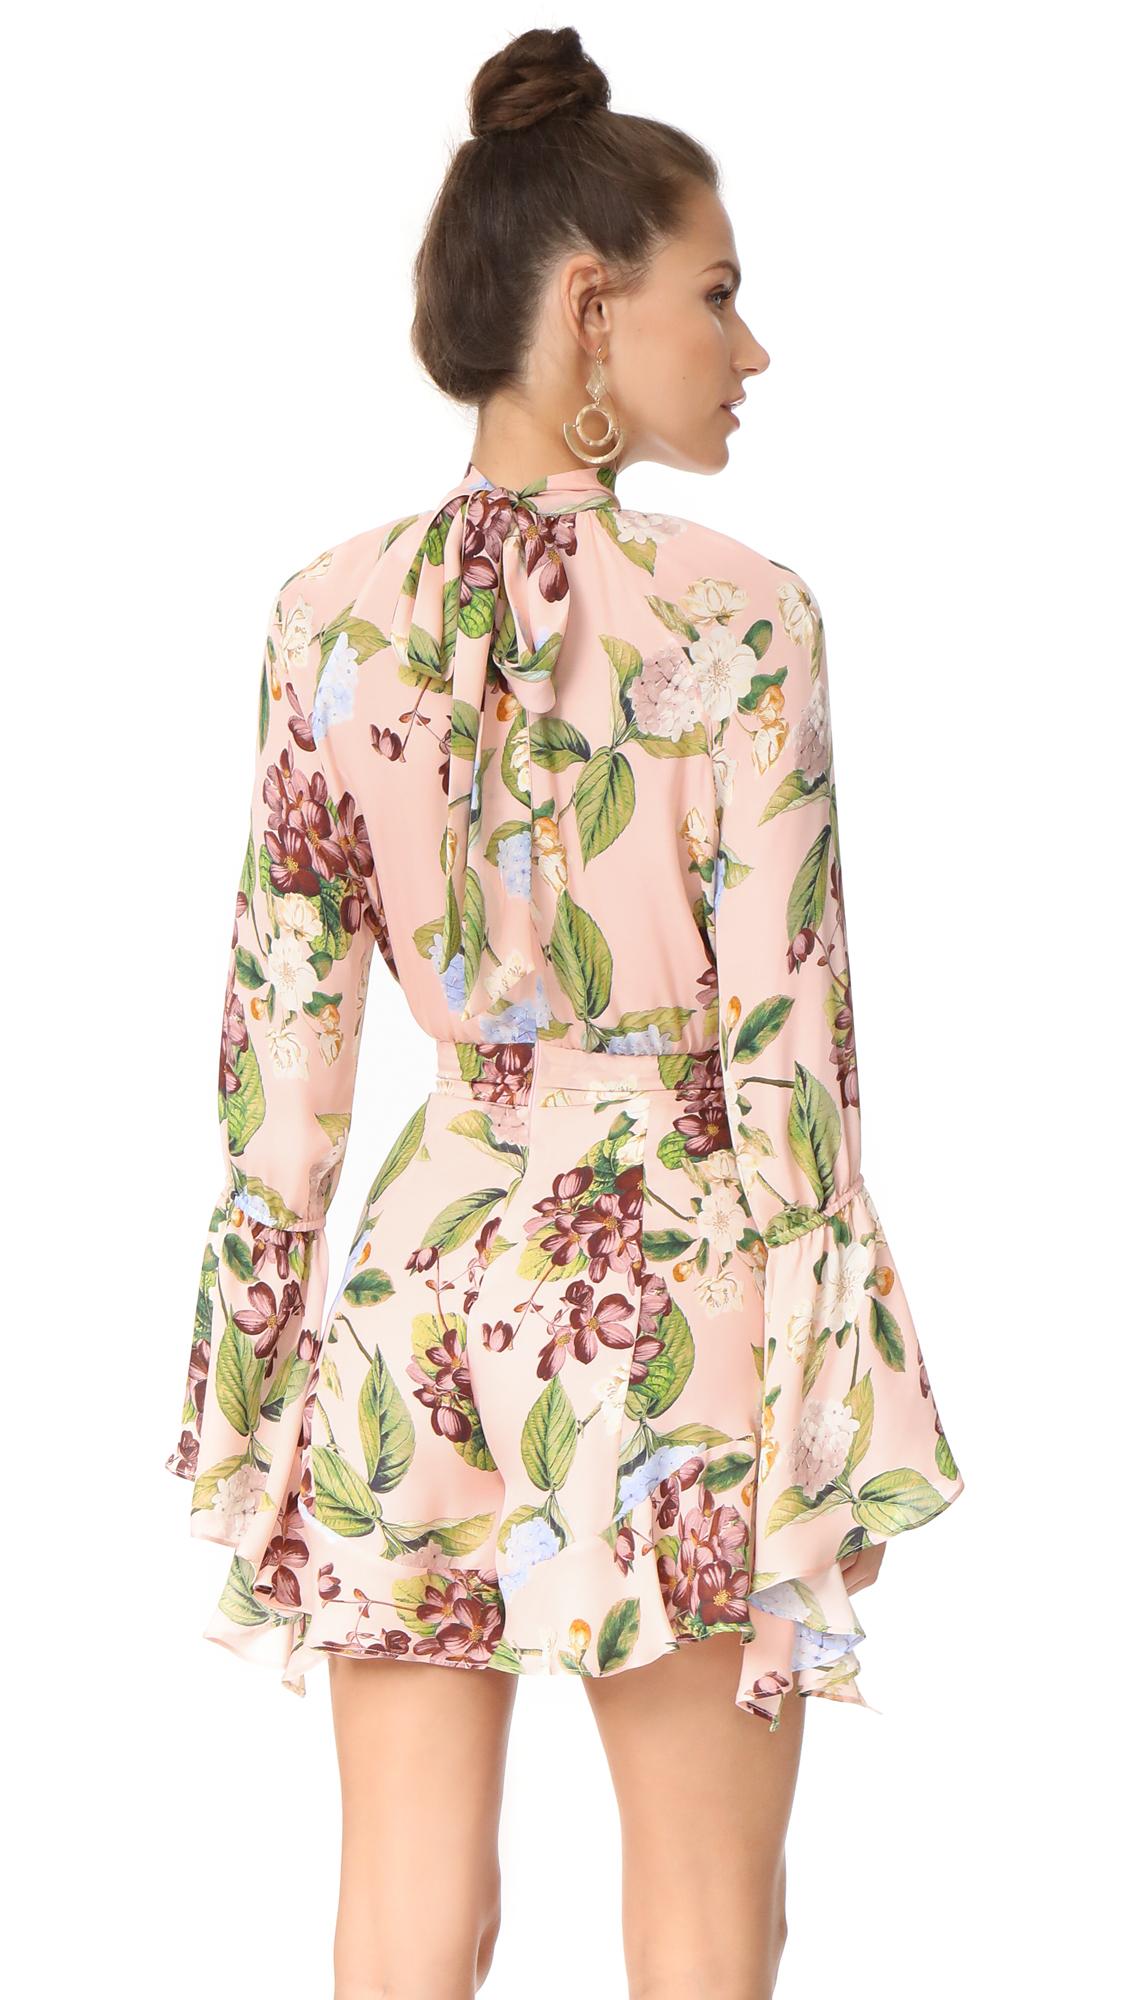 c51142601f71 Nicholas Evie Floral Bell Sleeve Romper